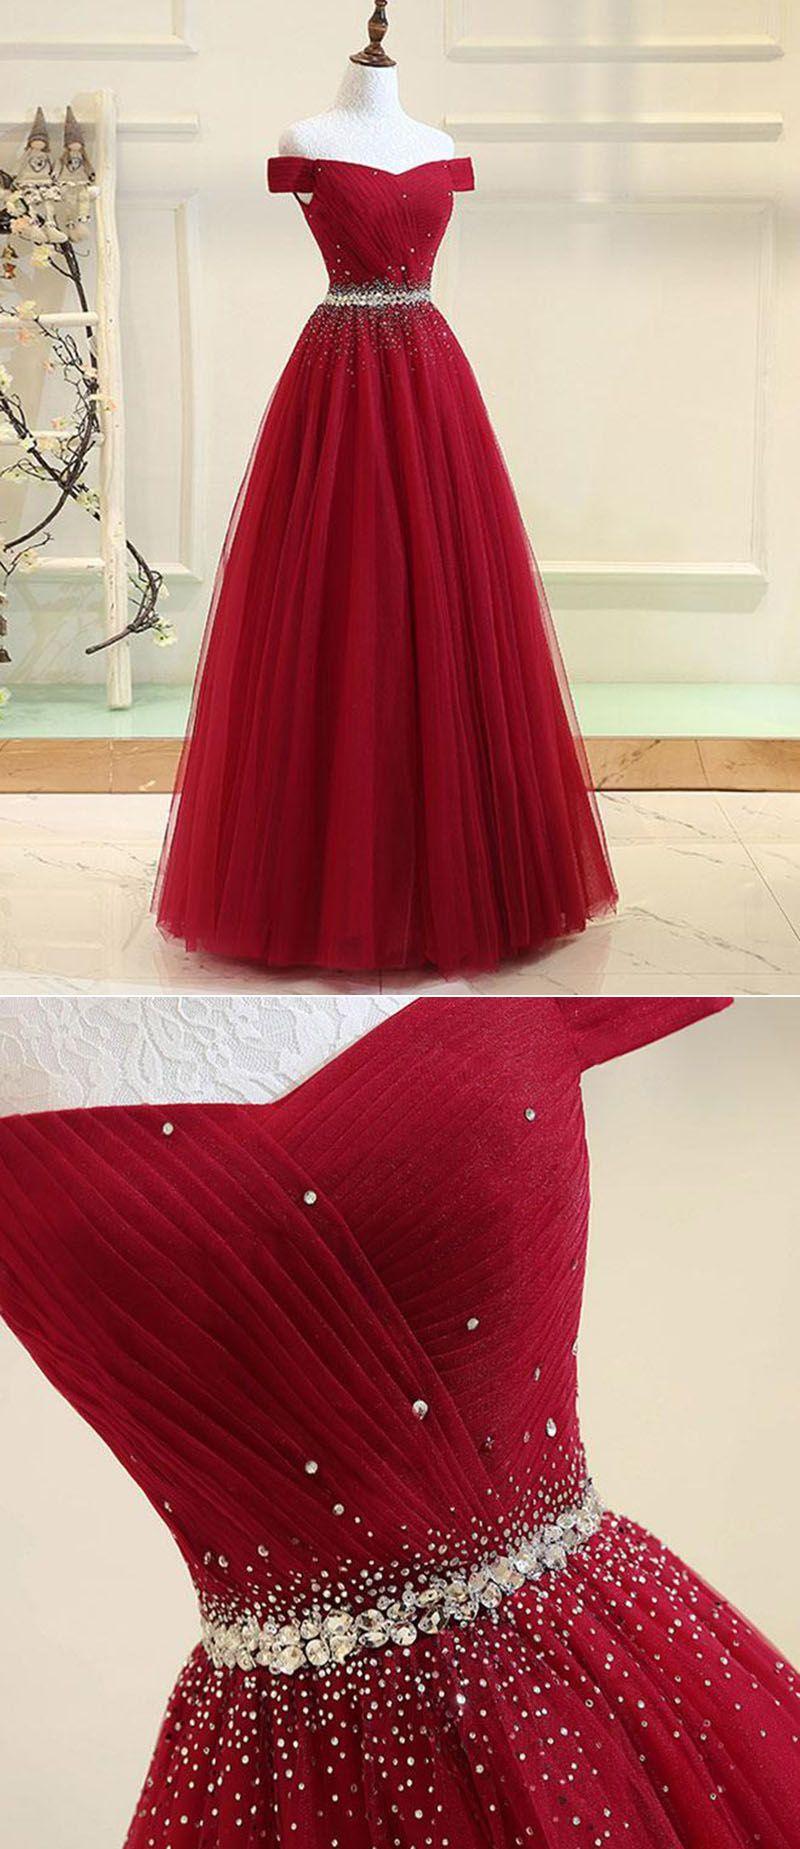 Elegant Long Prom Dresses With Sparkle Crystal Belt Off The Shoulder Wine Red Navy Blue Pl6634 Wine Red Dresses Long Elegant Red Dress Red Prom Dress Long [ 1849 x 800 Pixel ]